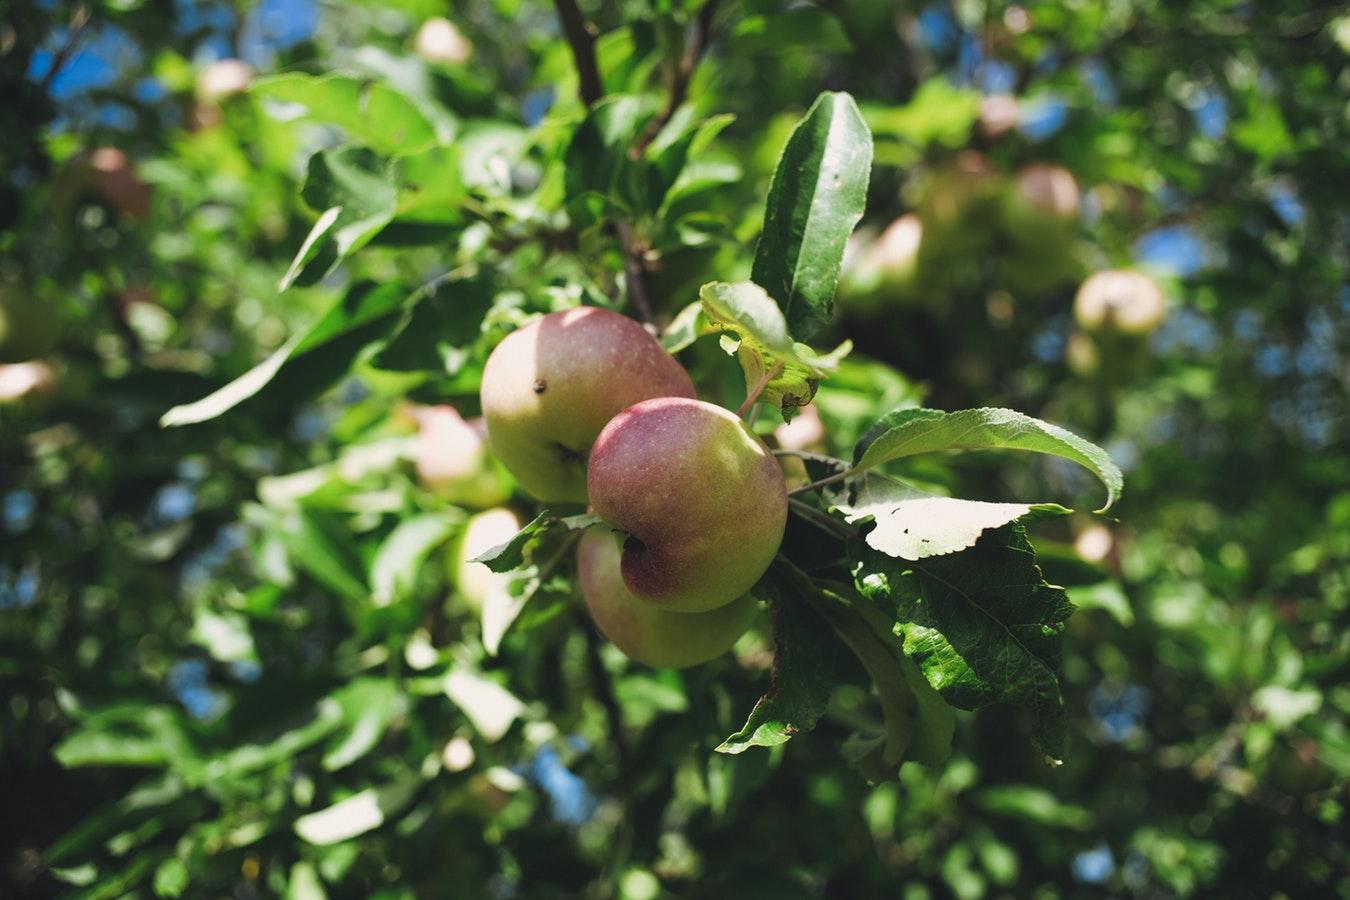 Laaghangend fruit en vergezichten - Het ontwikkelen van een korte en lange termijn visie